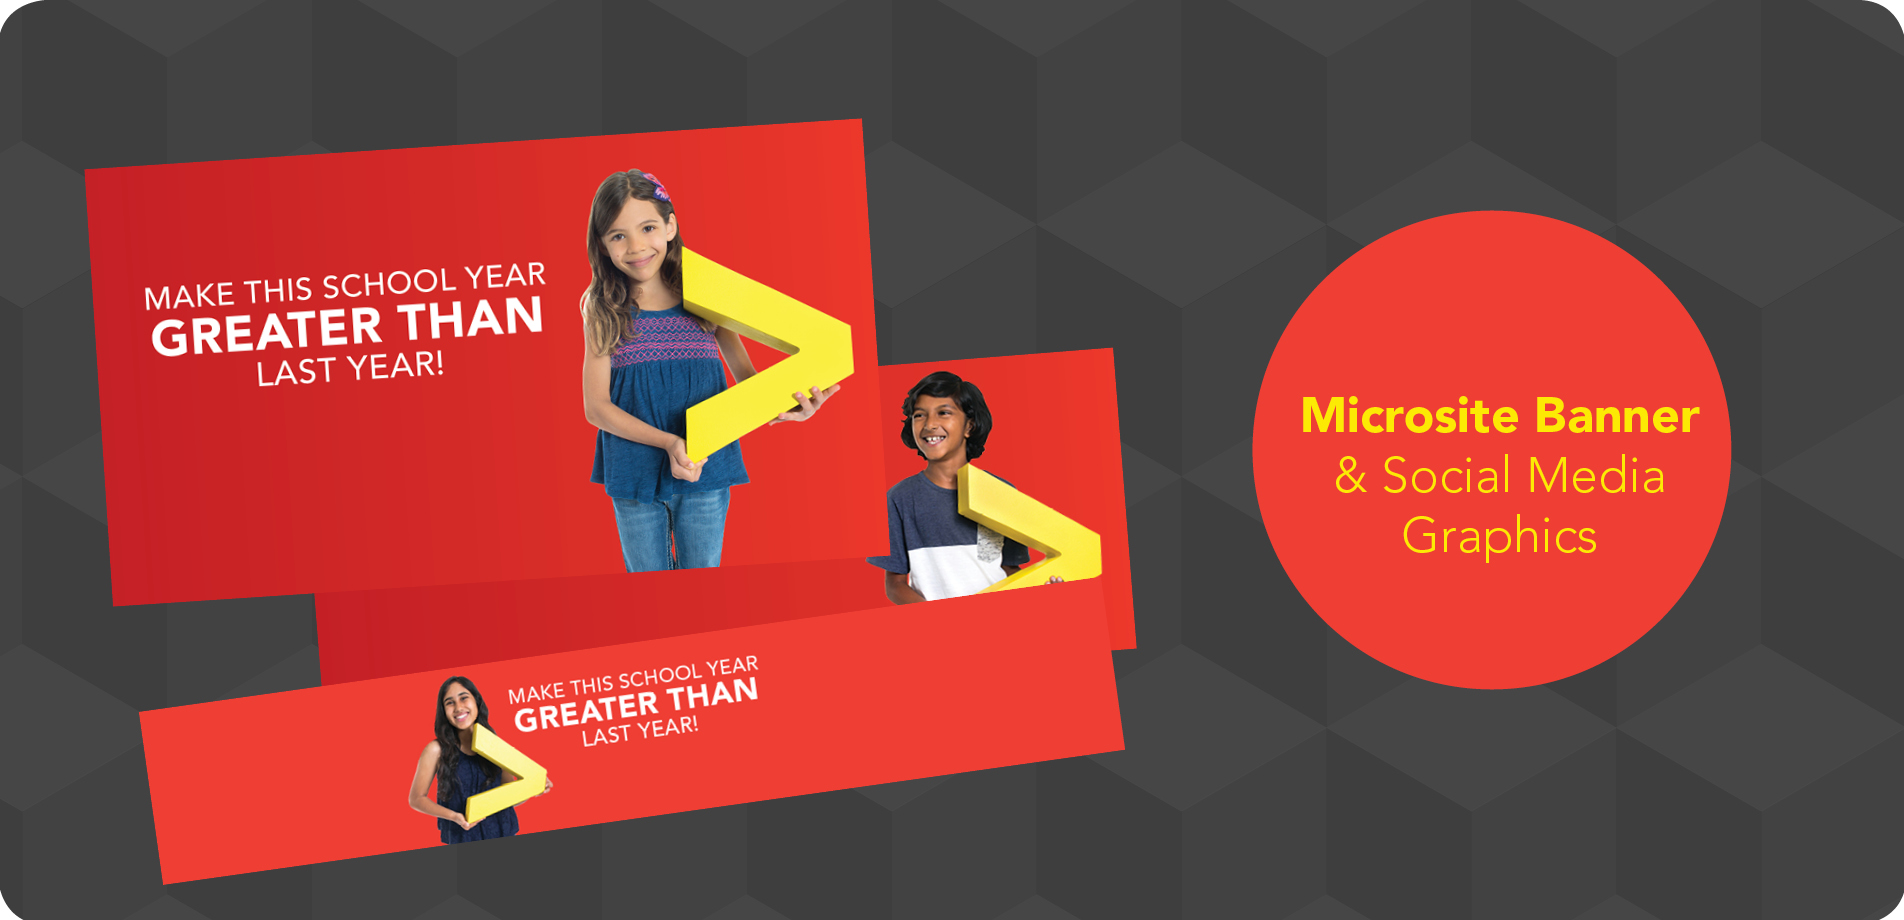 Social-Media-Microsite-1